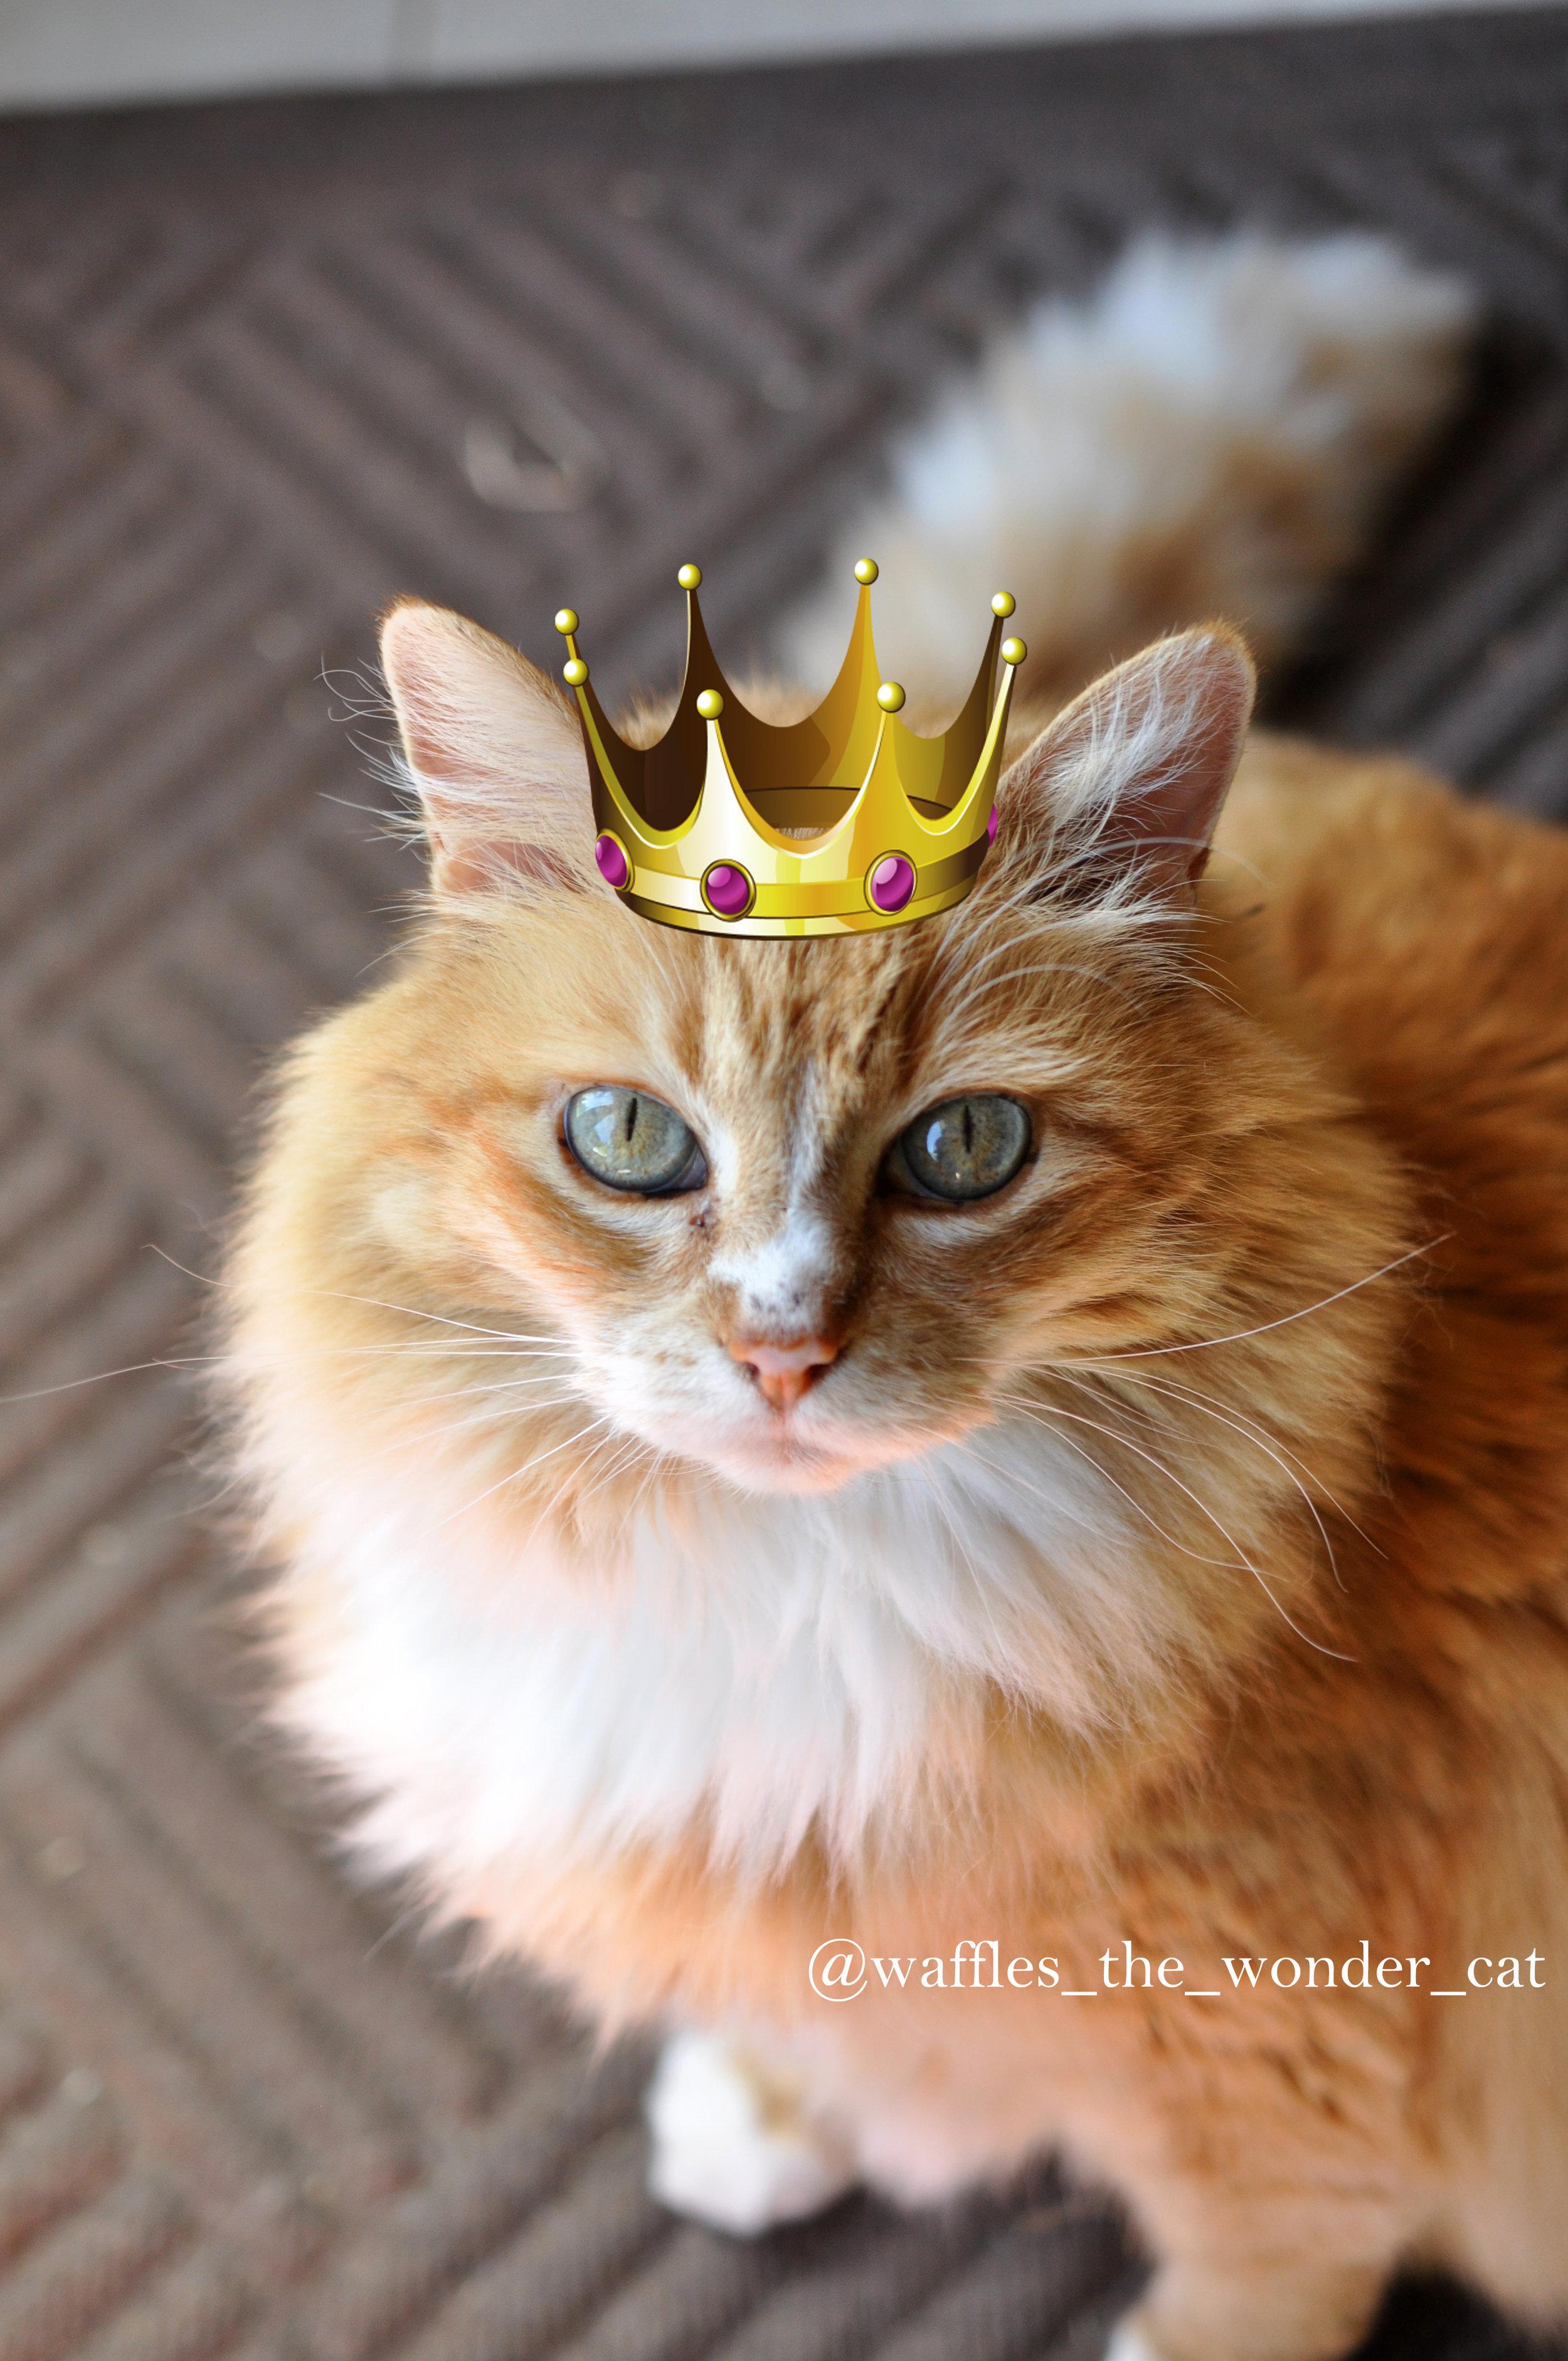 YAS queen!